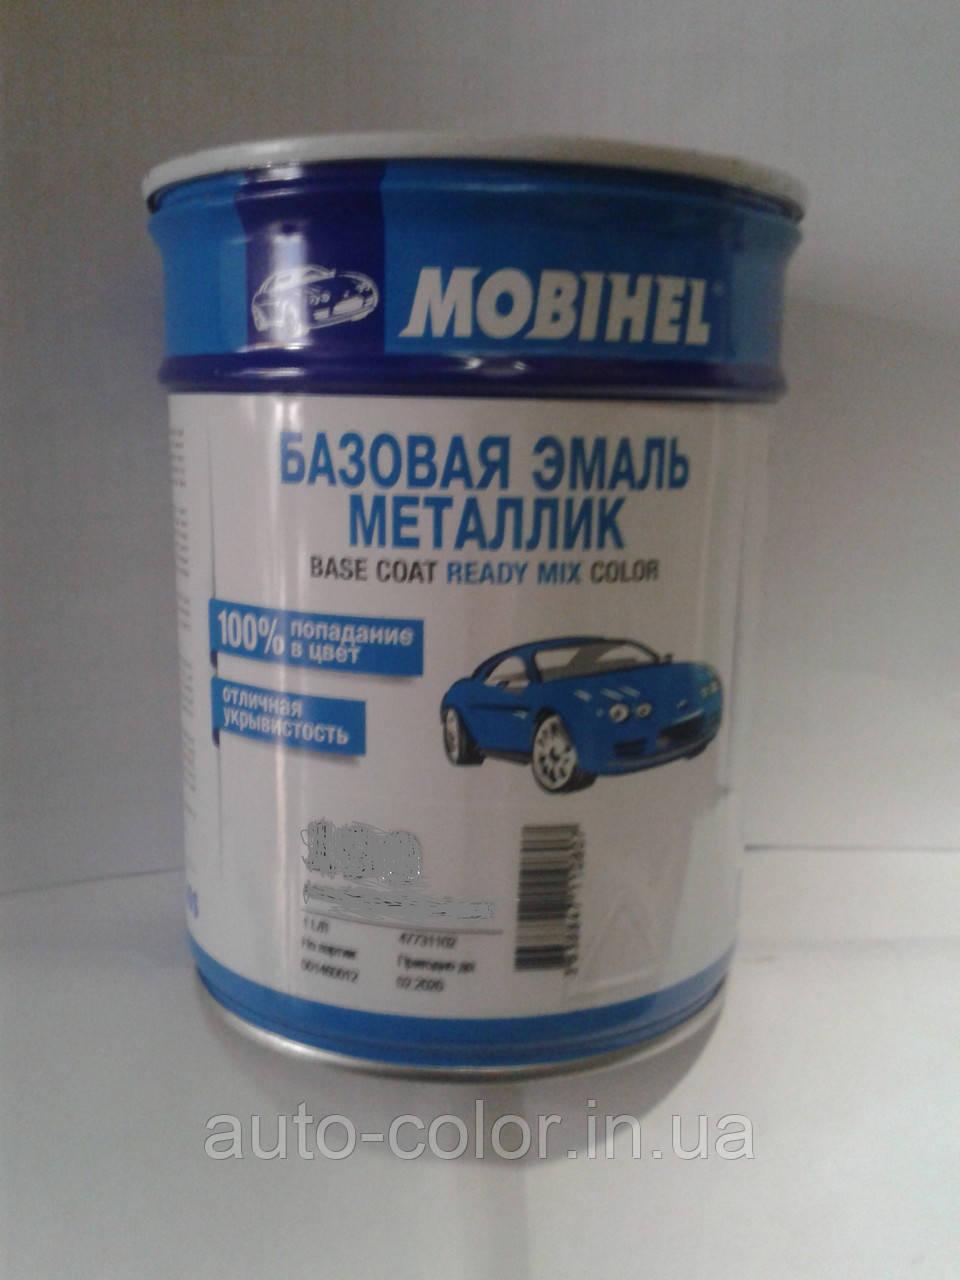 Автоемаль базова металік Mobihel 105 Франконія 1л